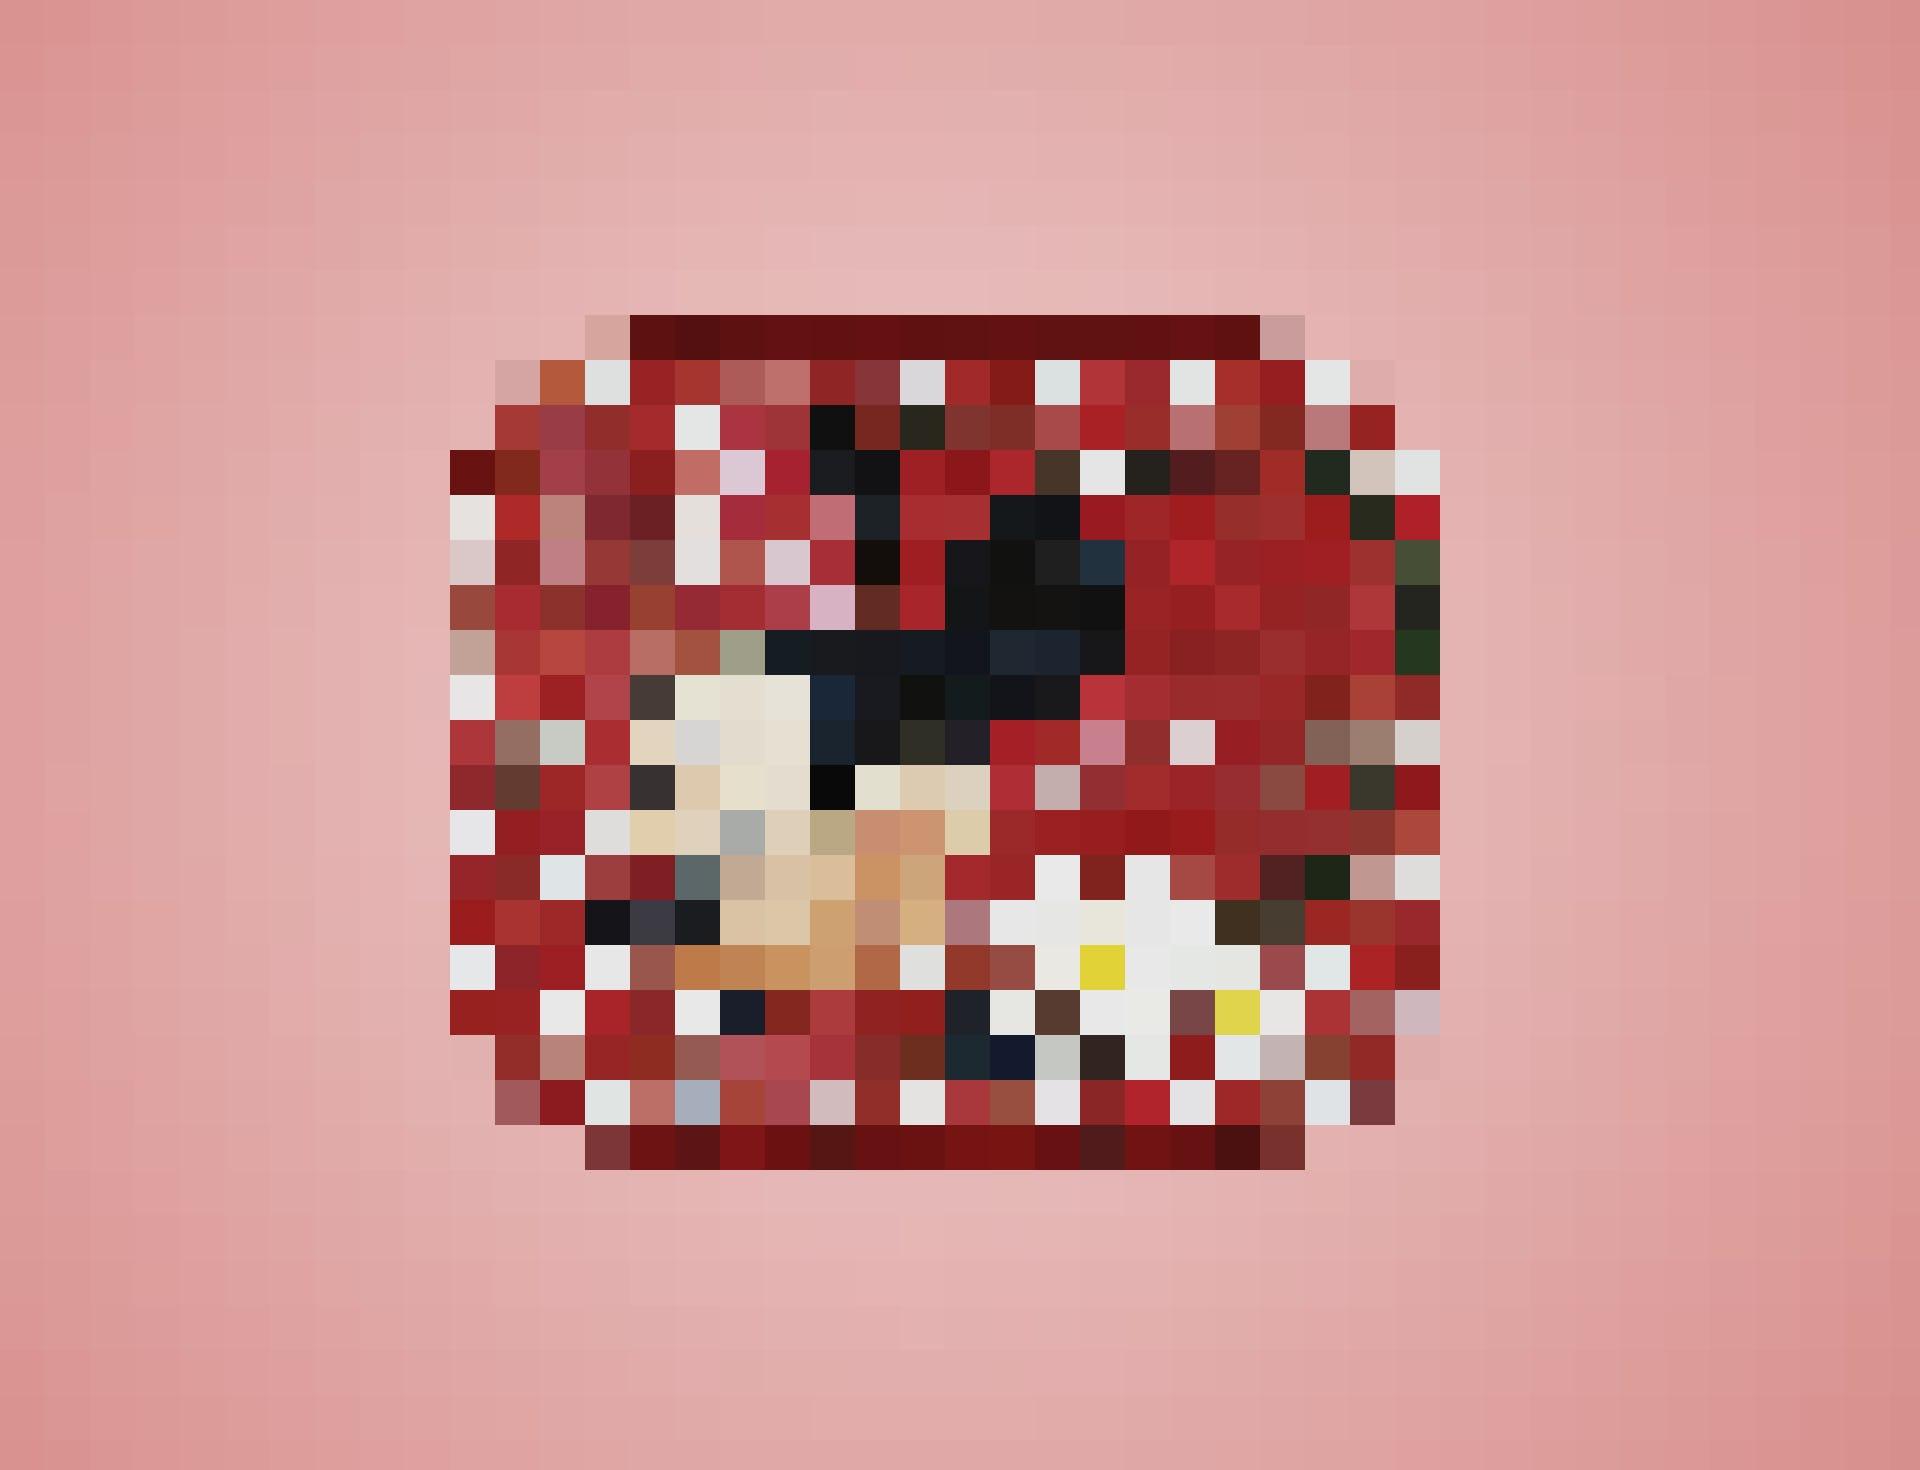 Abblendlicht  Auto-Sonnenschutz Minnie Mouse, 2er-Set, Franken 9.95, Coop Bau+Hobby.